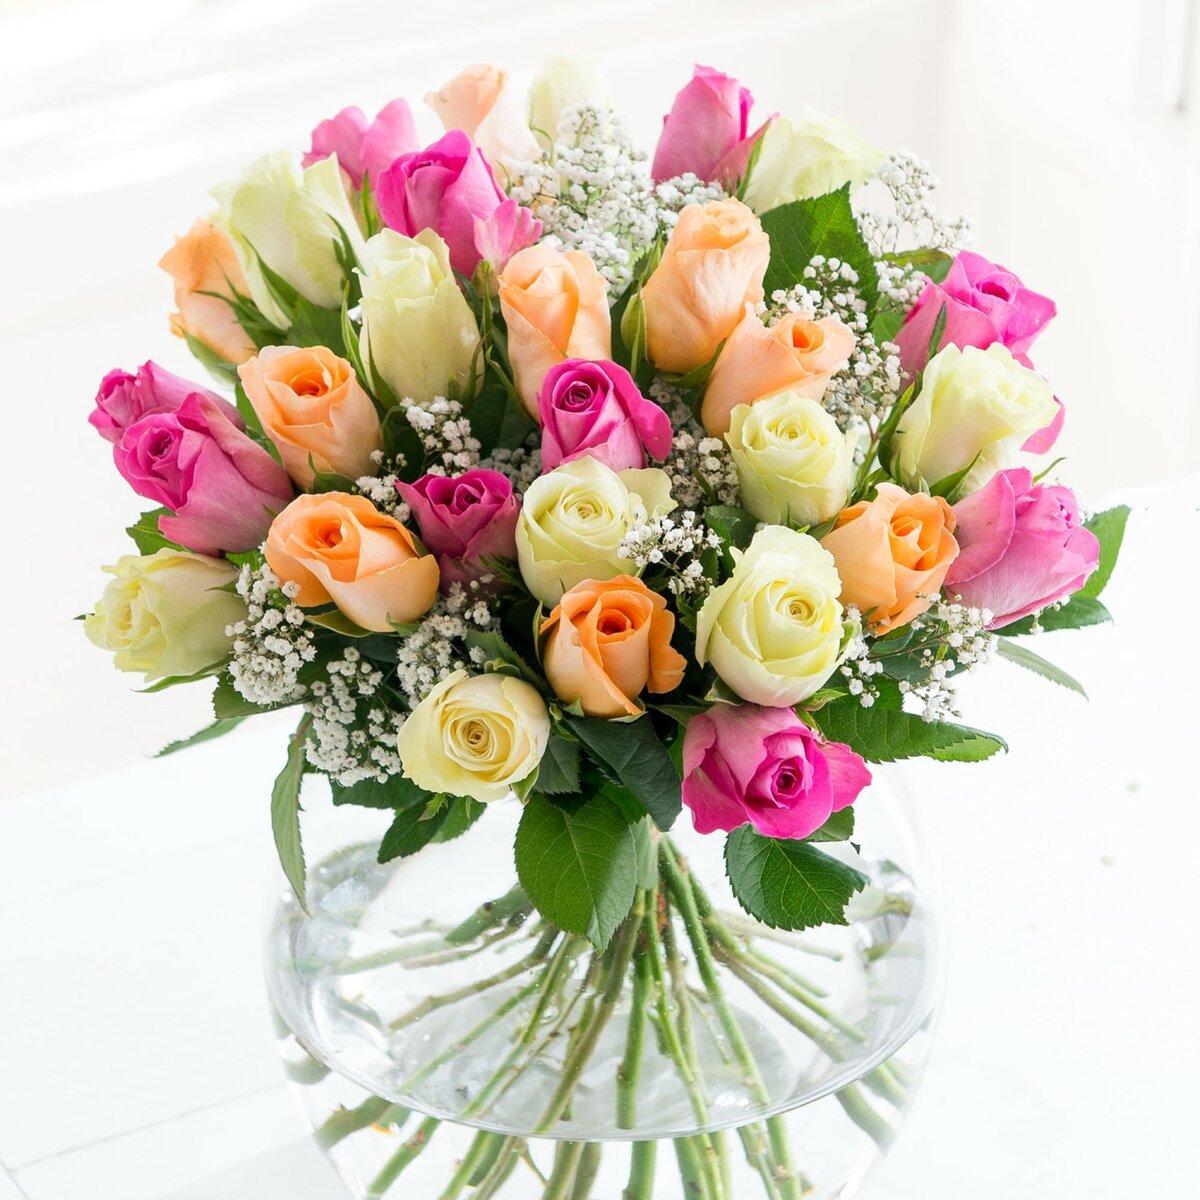 Красивая открытка девушке с цветами, флешки для